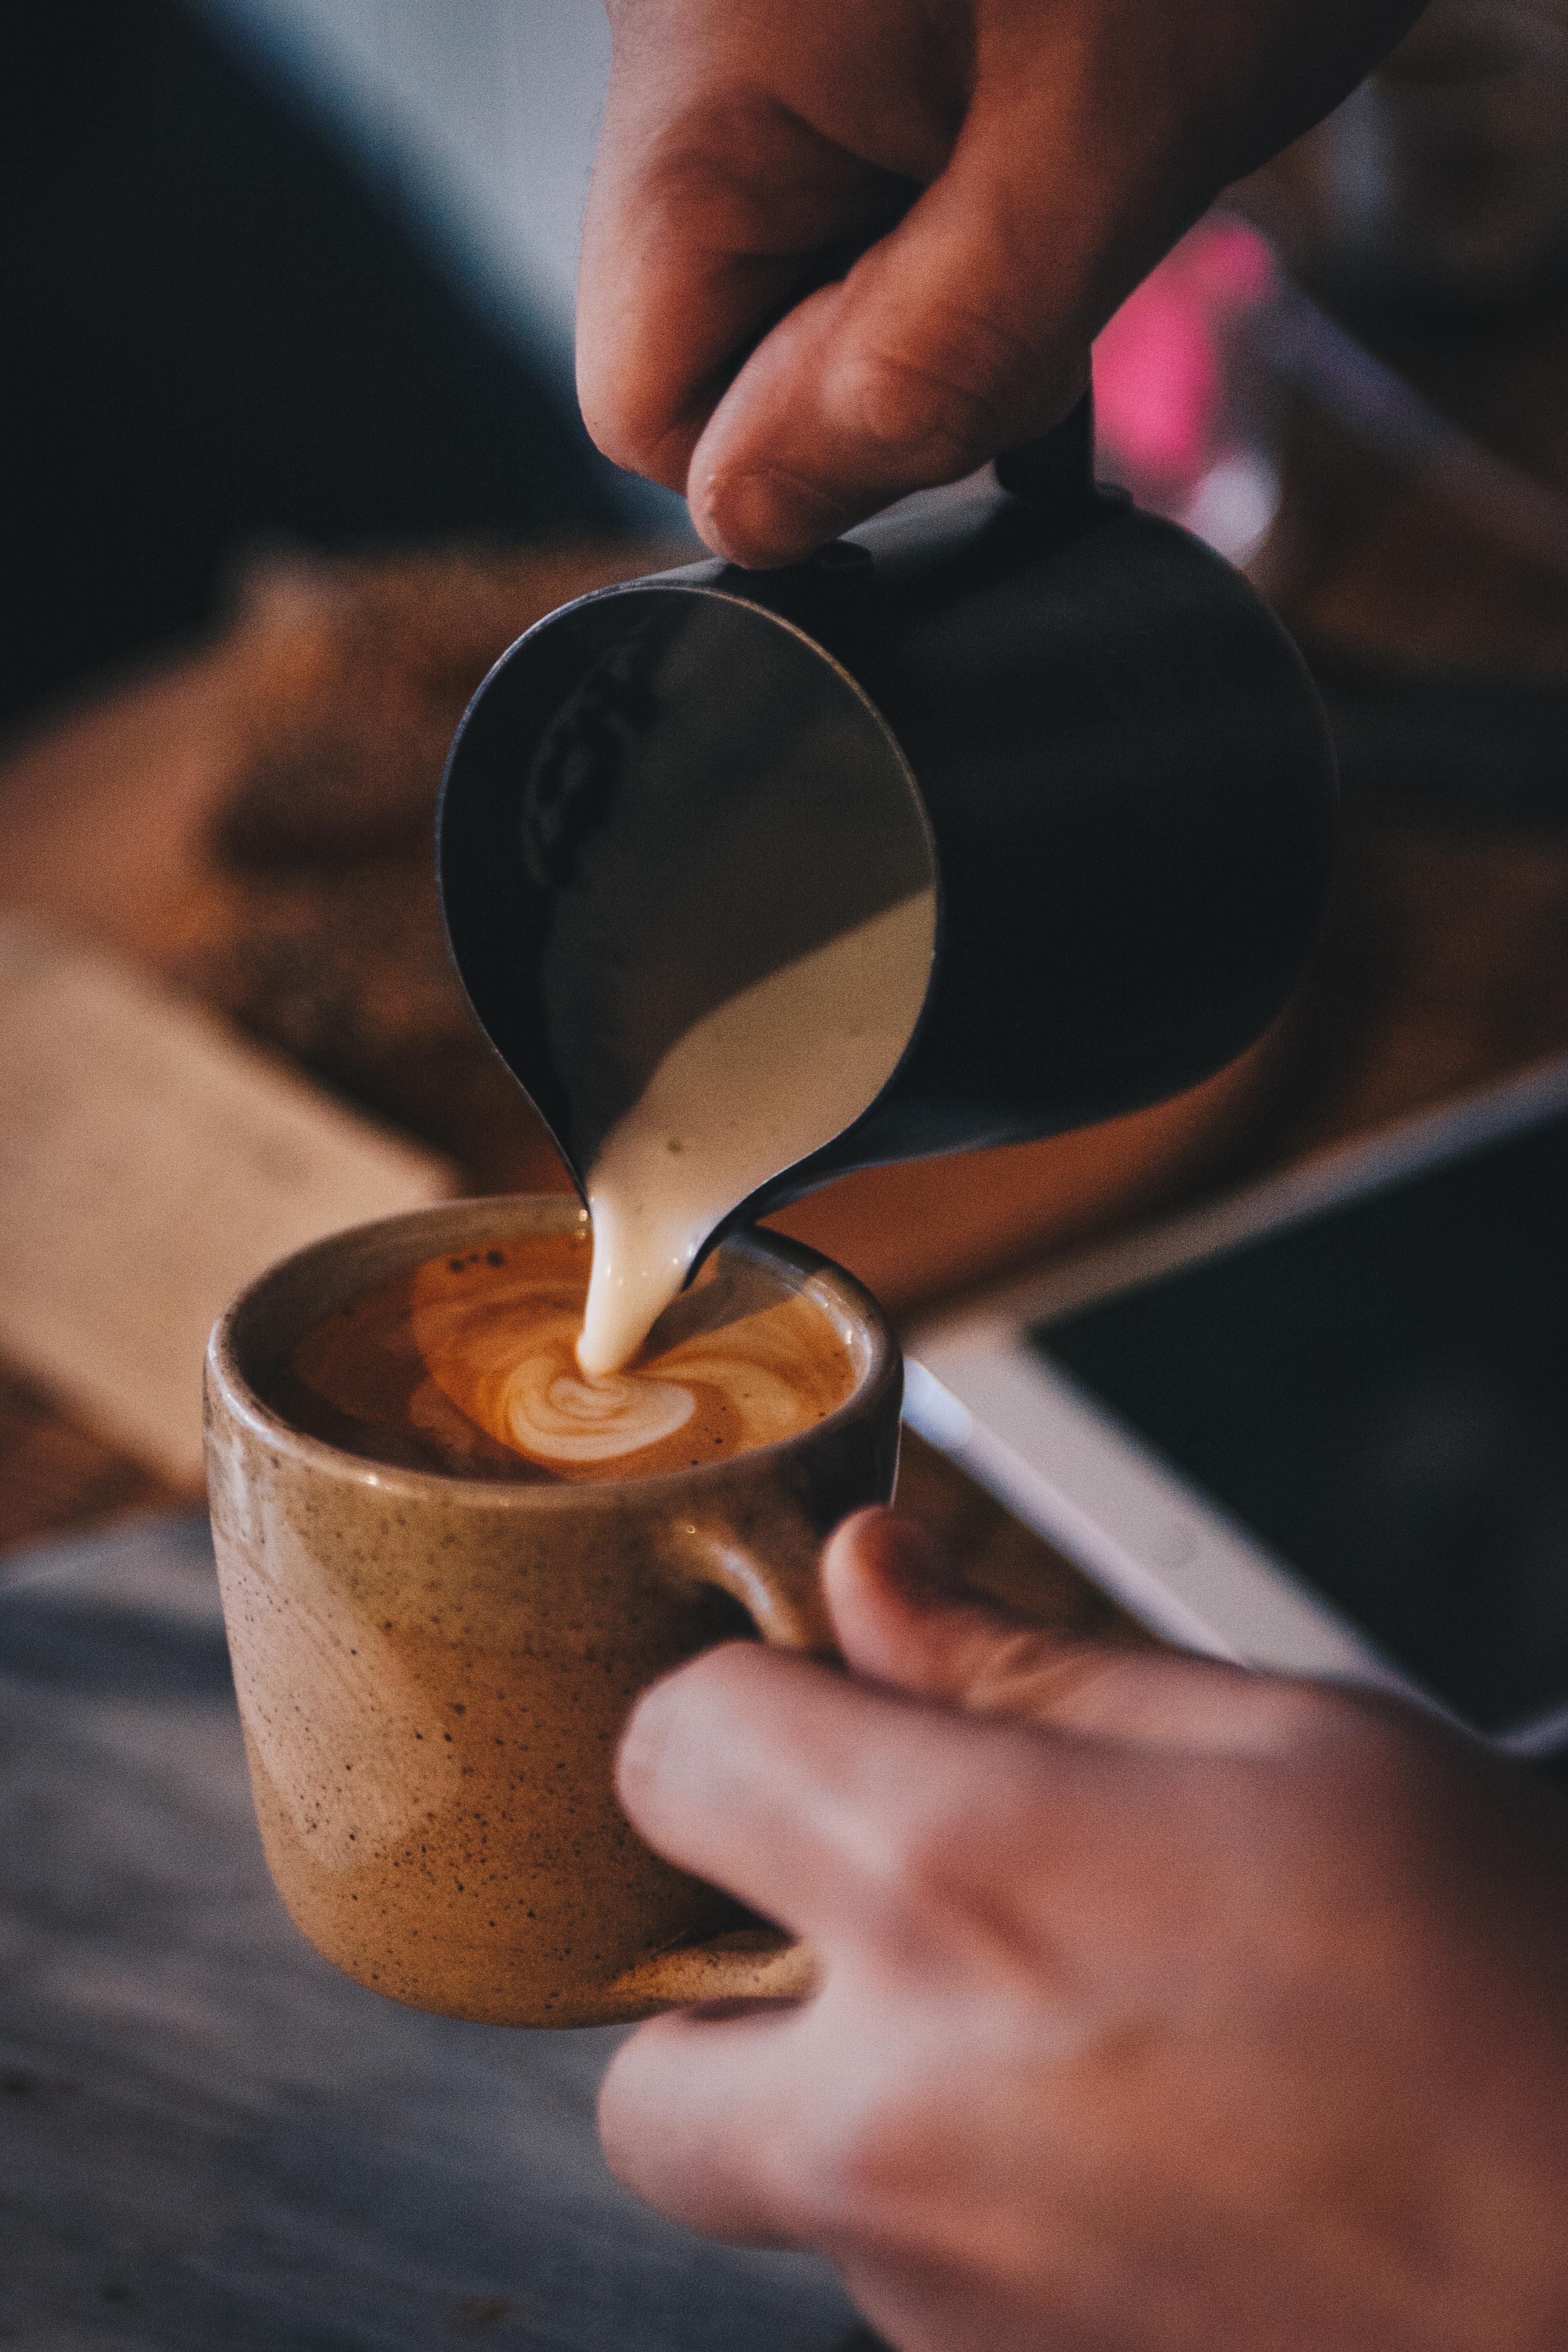 people transferring brown liquid to brown teacup